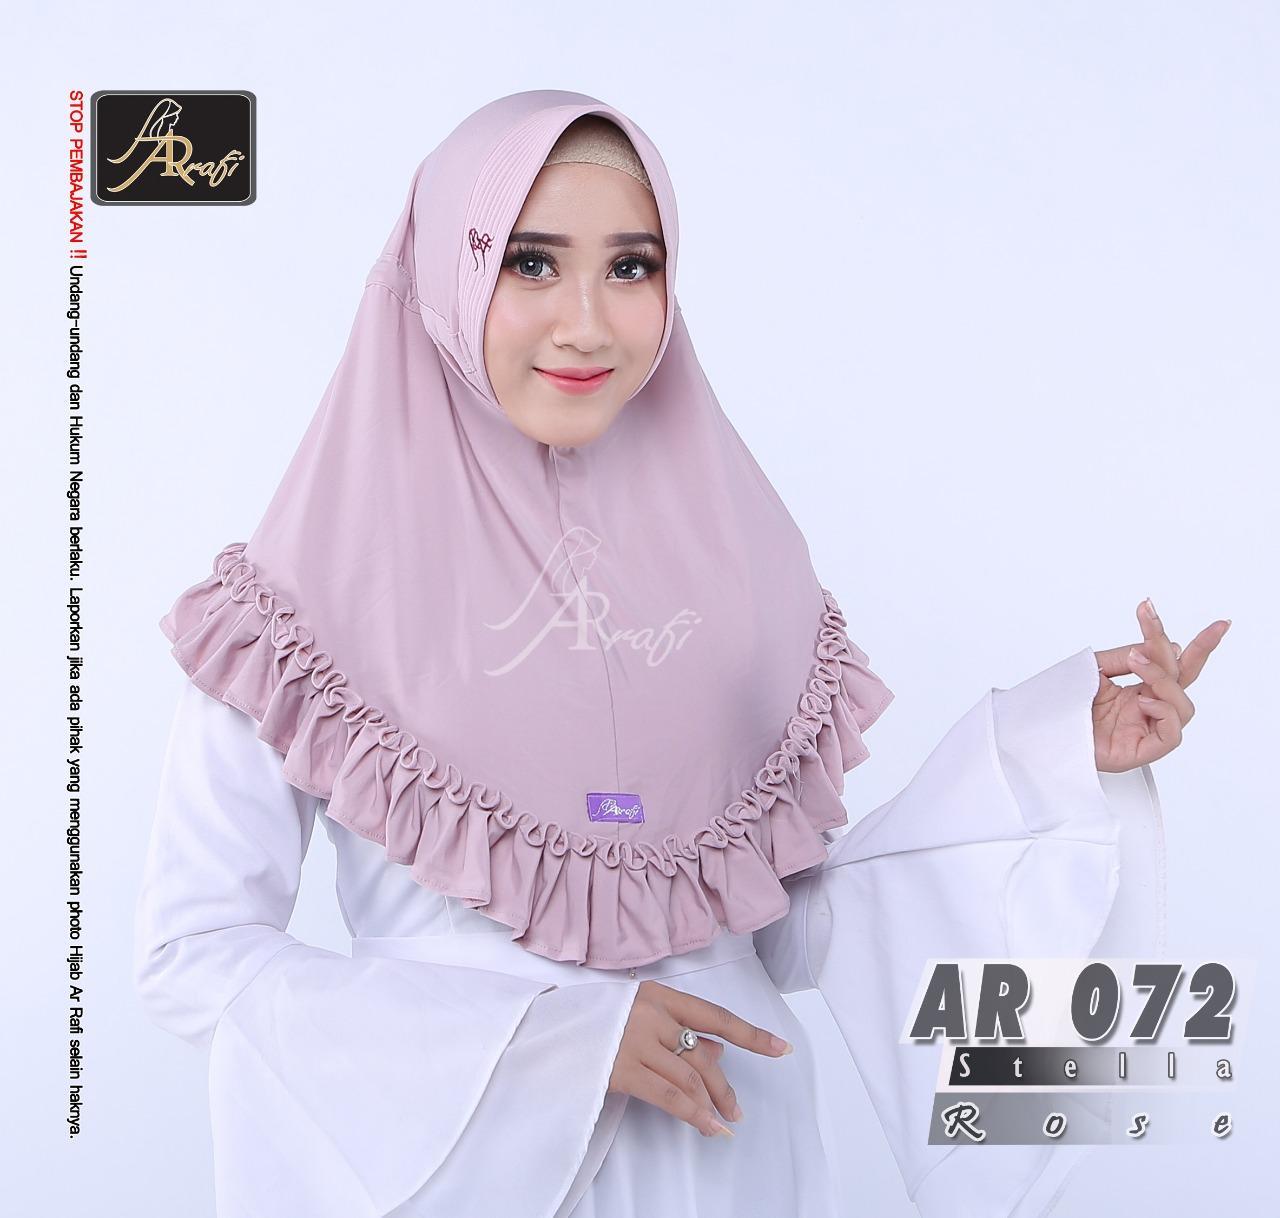 Fitur Hijab Arrafi Ar 221 Dan Harga Terbaru Info Tempat Instan Talita Kombinasi Violet Ar45a Best Seller From Brand Jilbab Kerudung Gotik Warna Rose 72 Khimar